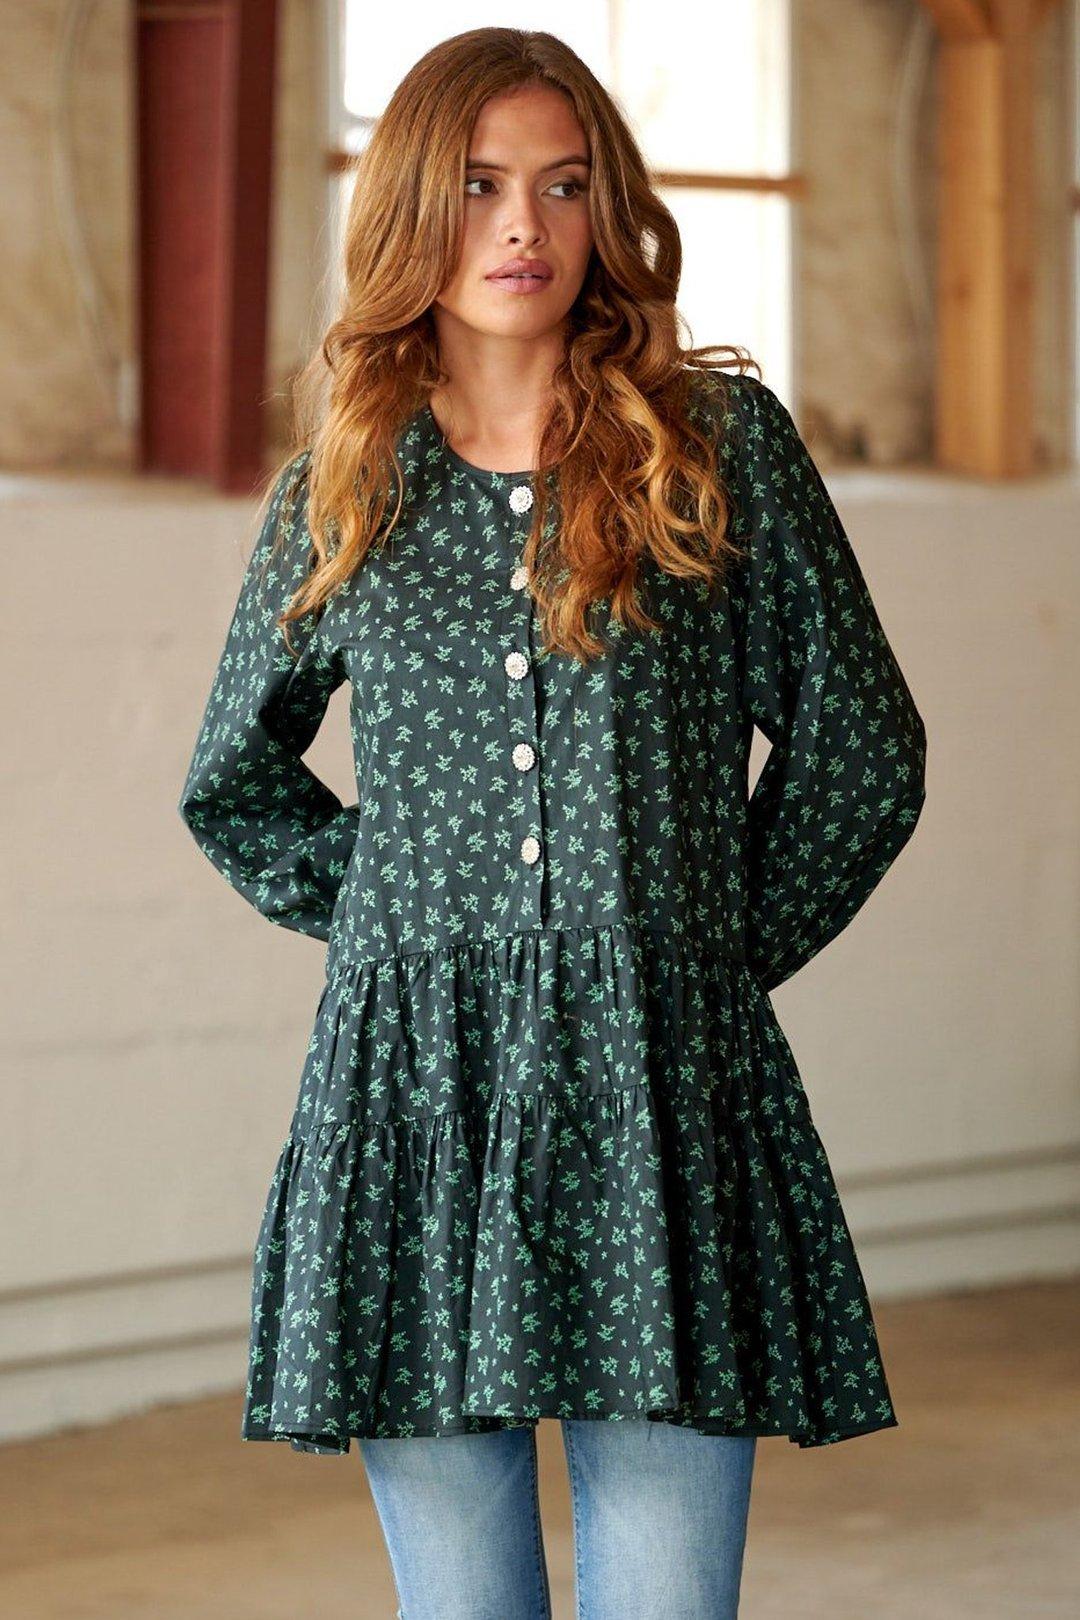 Noella kjole Heather grønn